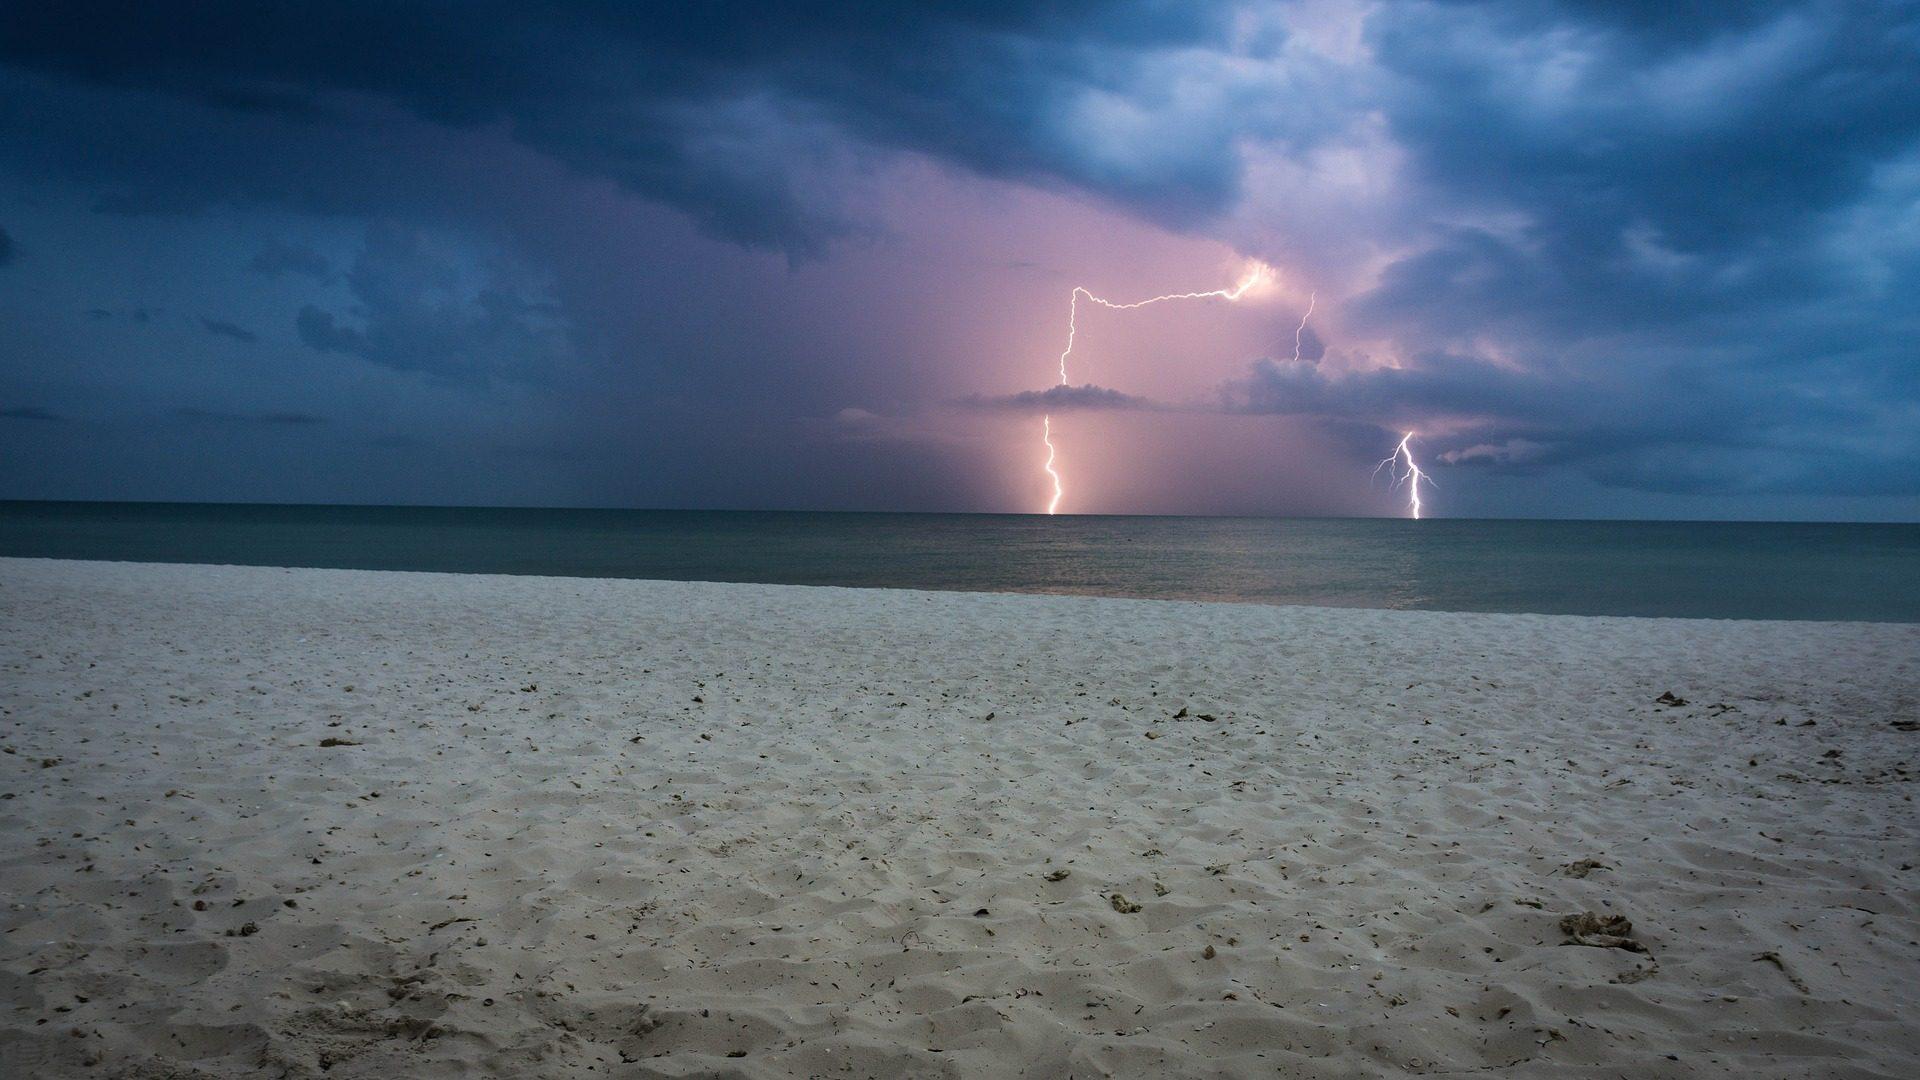 ビーチ, 砂, 嵐, 曇り, 光線, 海 - HD の壁紙 - 教授-falken.com